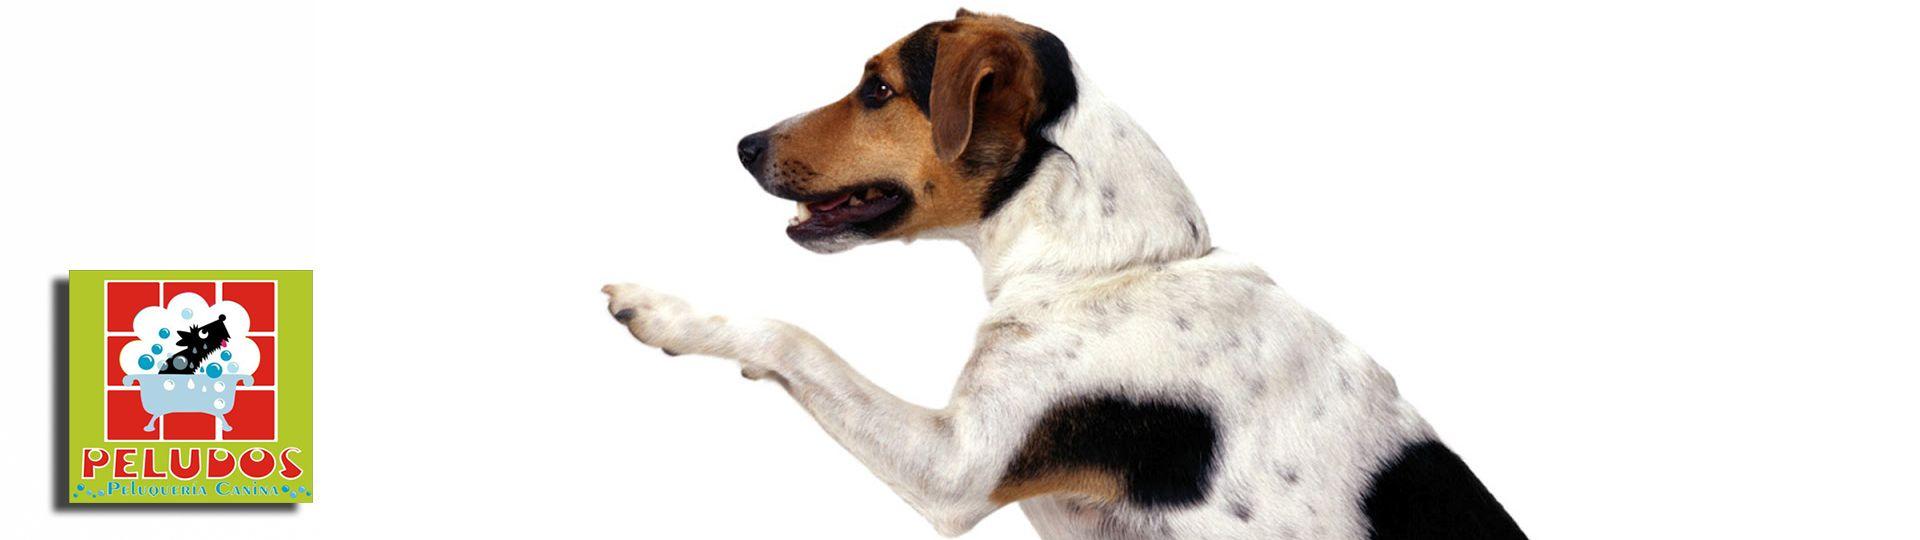 Peluquería Canina Peludos en Córdoba - Aviso Legal